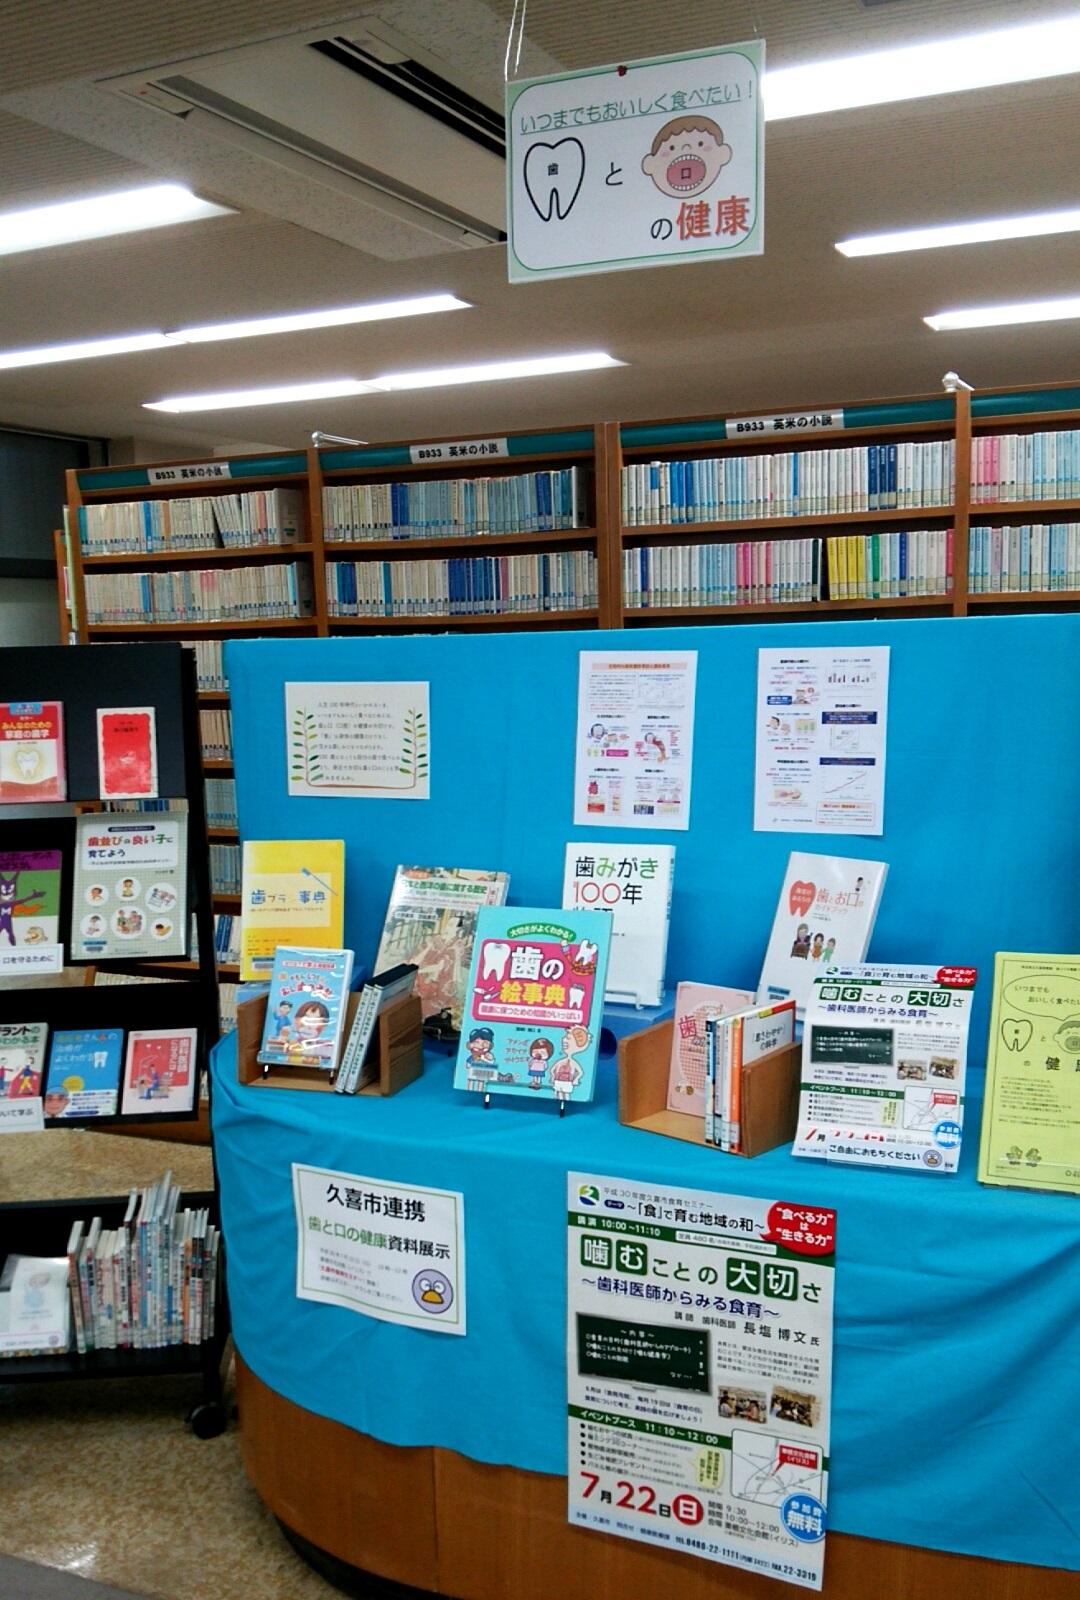 埼玉県立図書館/【久喜】ミニ展示 いつまでもおいしく食べたい! 歯と ...